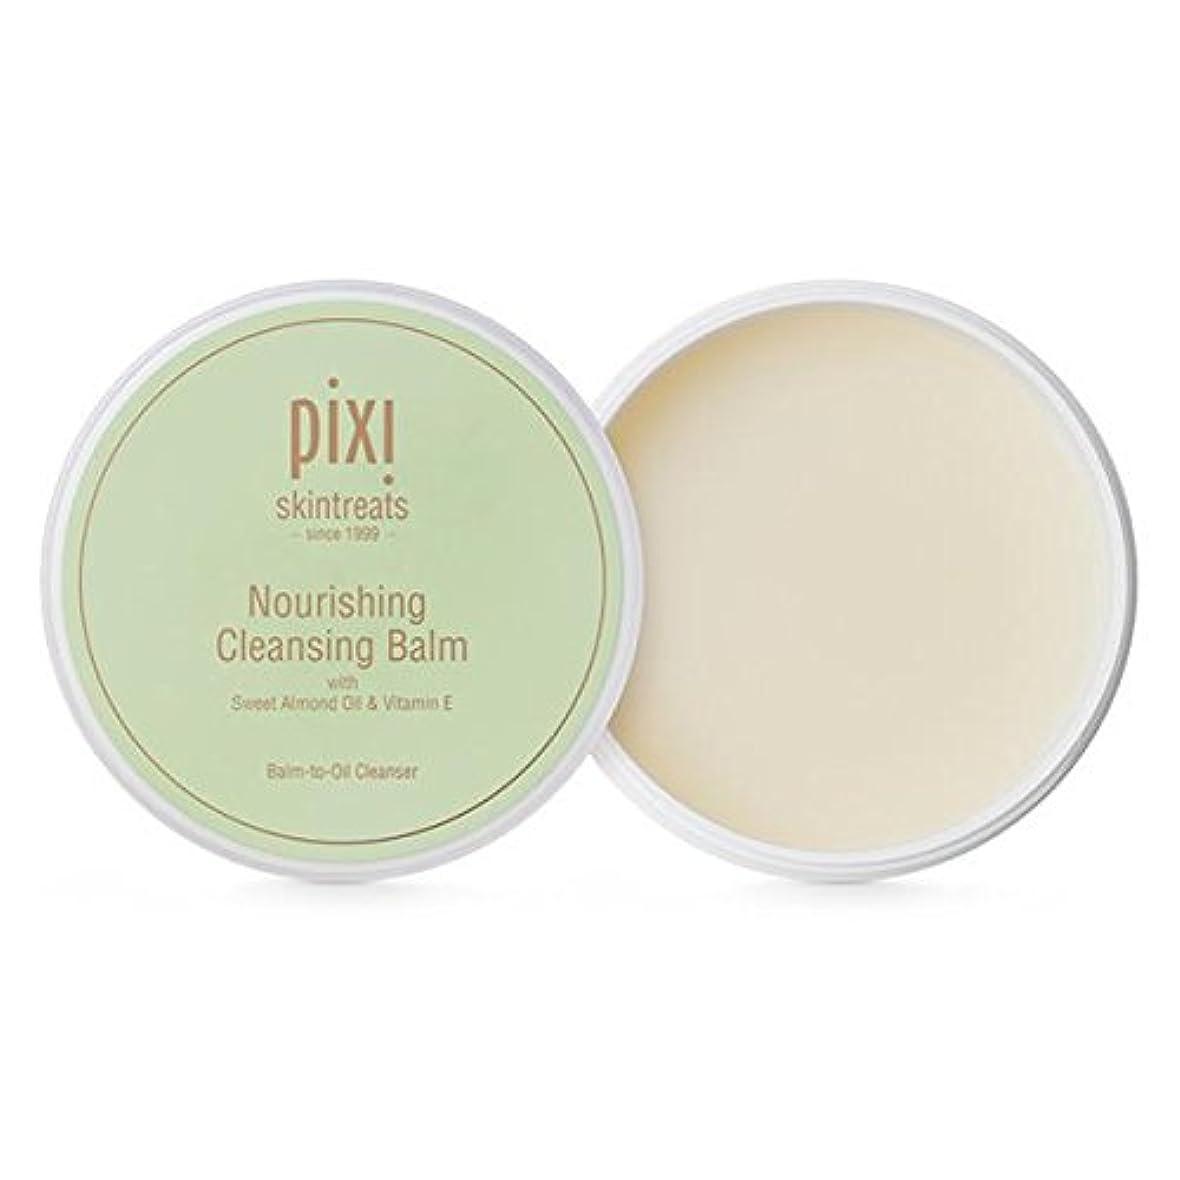 レキシコン可動ベッドを作るPixi - Nourishing Cleansing Balm [並行輸入品]